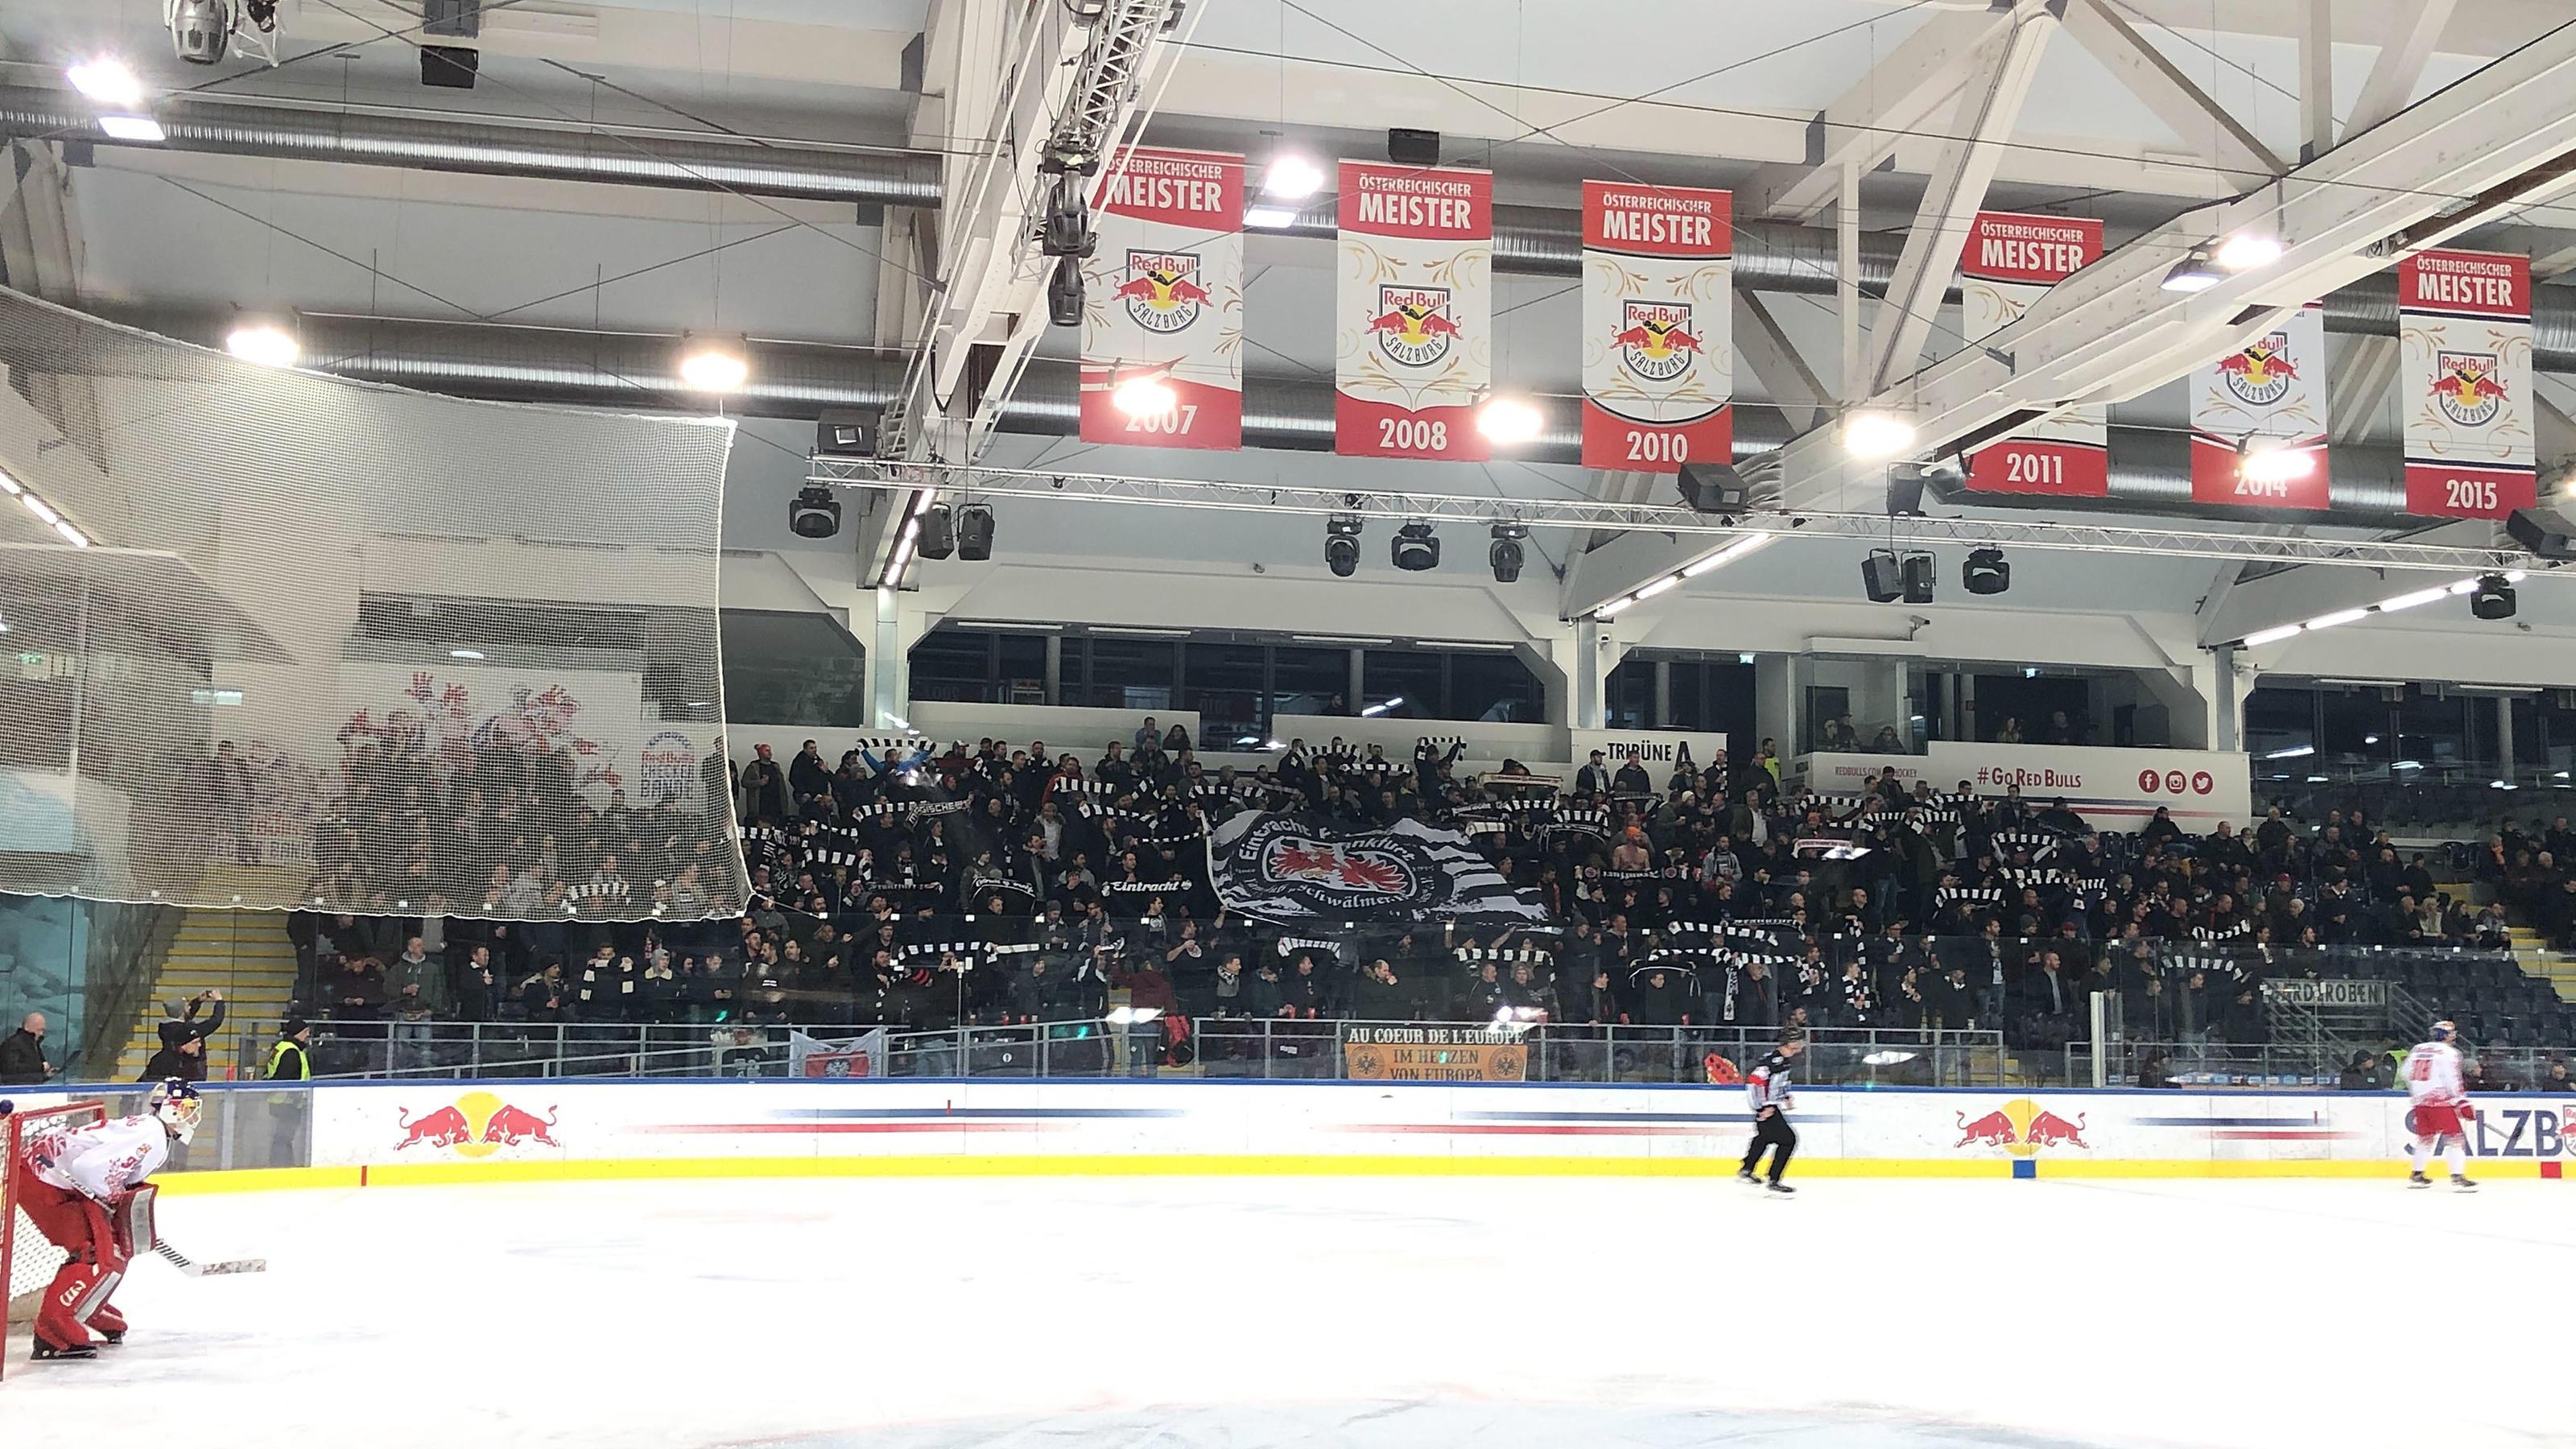 Eintracht Fans Beim Eishockey